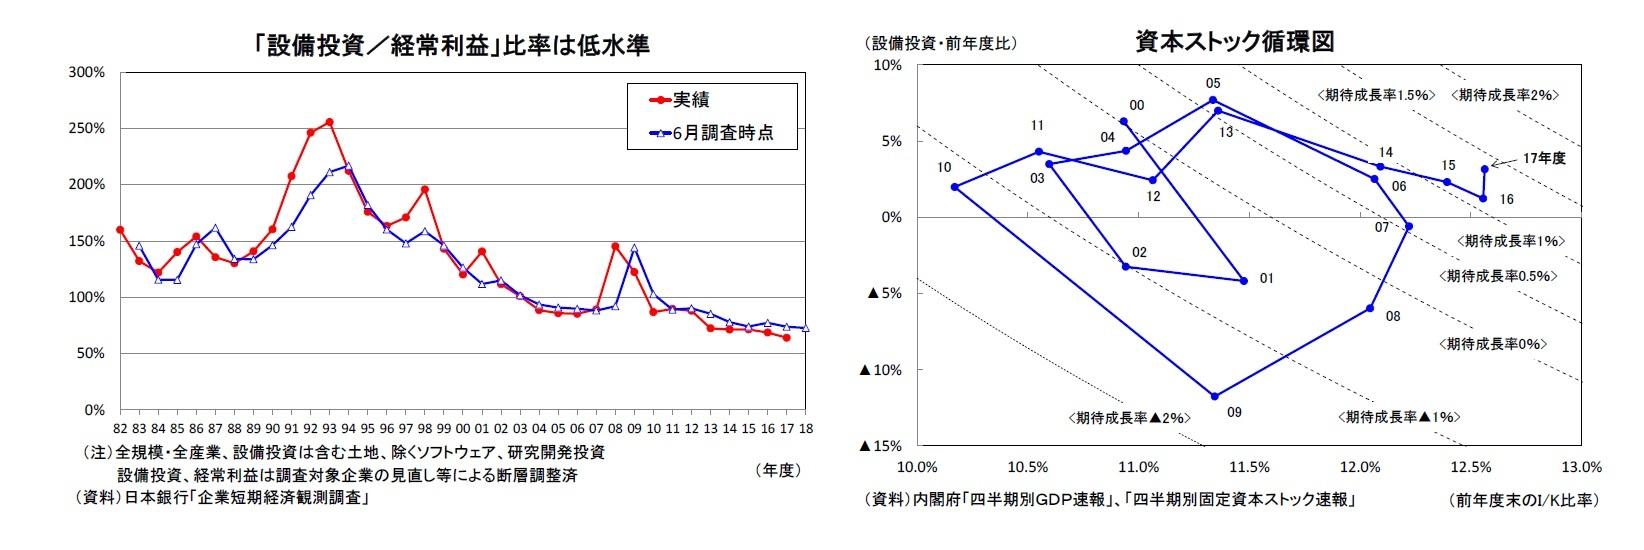 「設備投資/経常利益」比率は低水準/資本ストック循環図